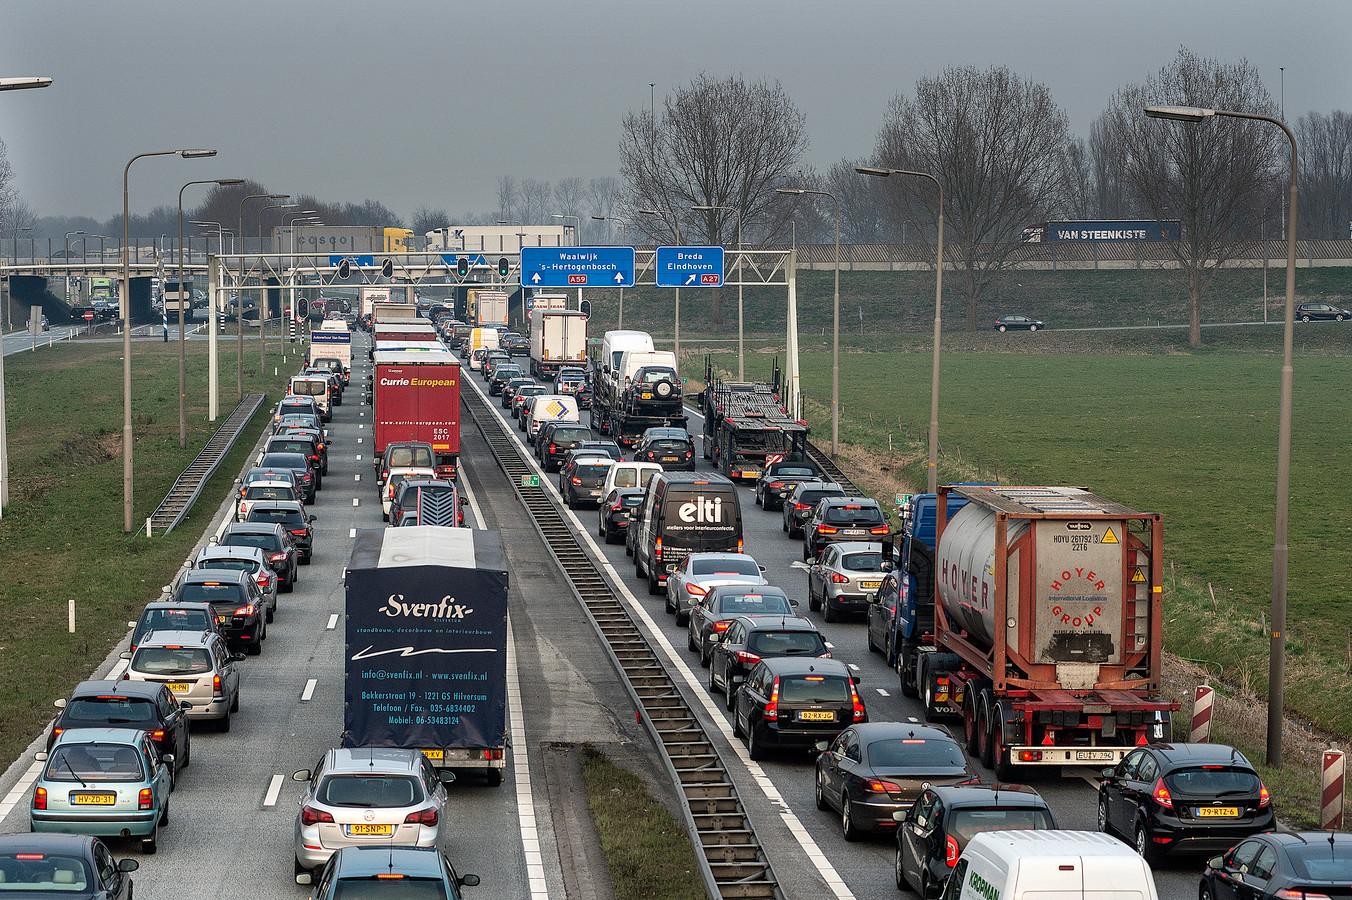 De verkeerslichten bij knooppunt Hooijpolder zorgen voor files. foto Ron Magielse